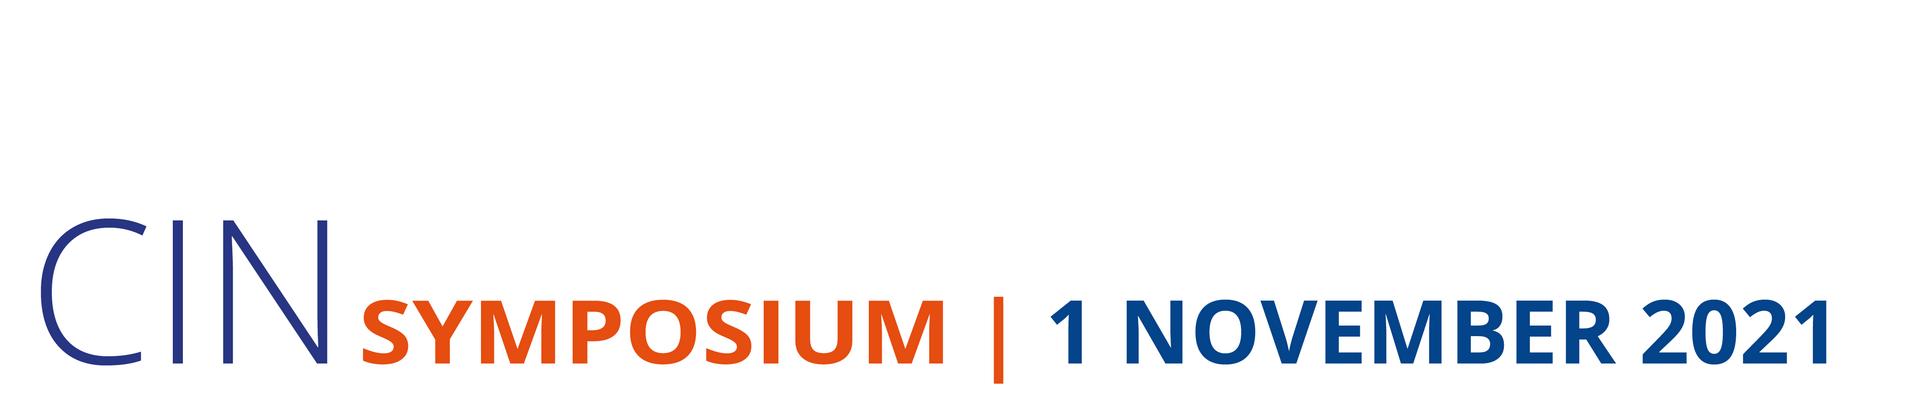 CIN Symposium